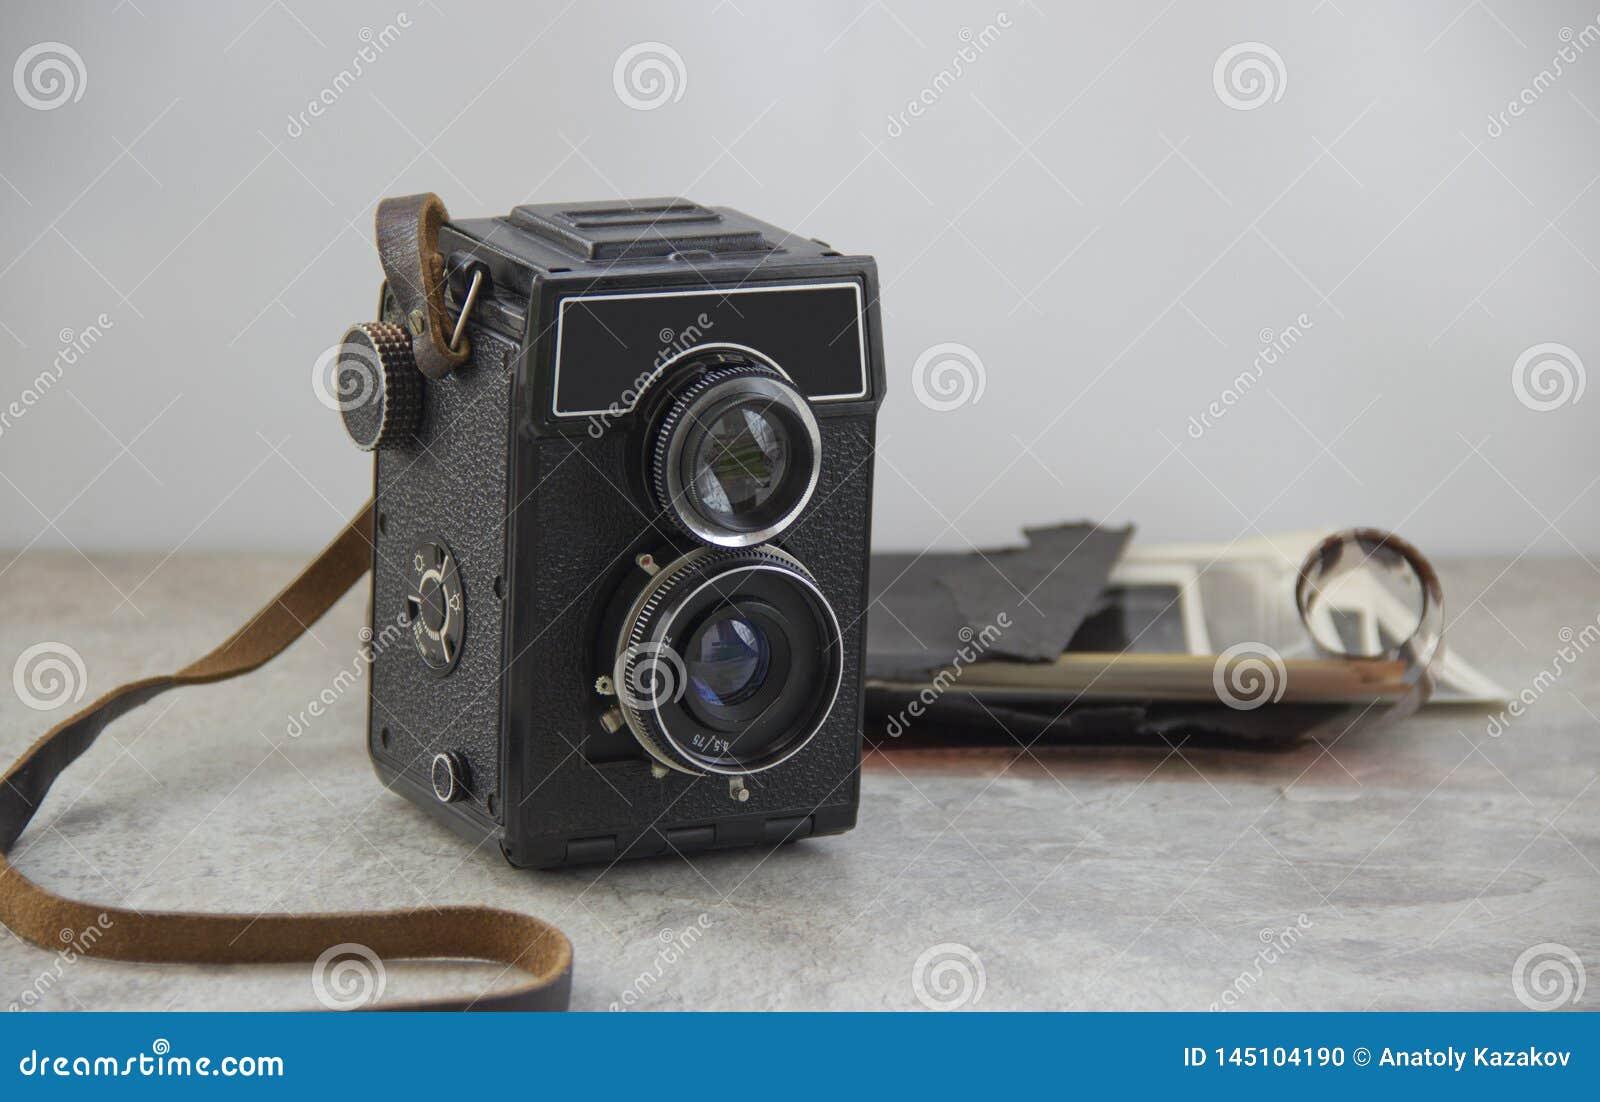 Εκλεκτής ποιότητας κάμερα στον πίνακα